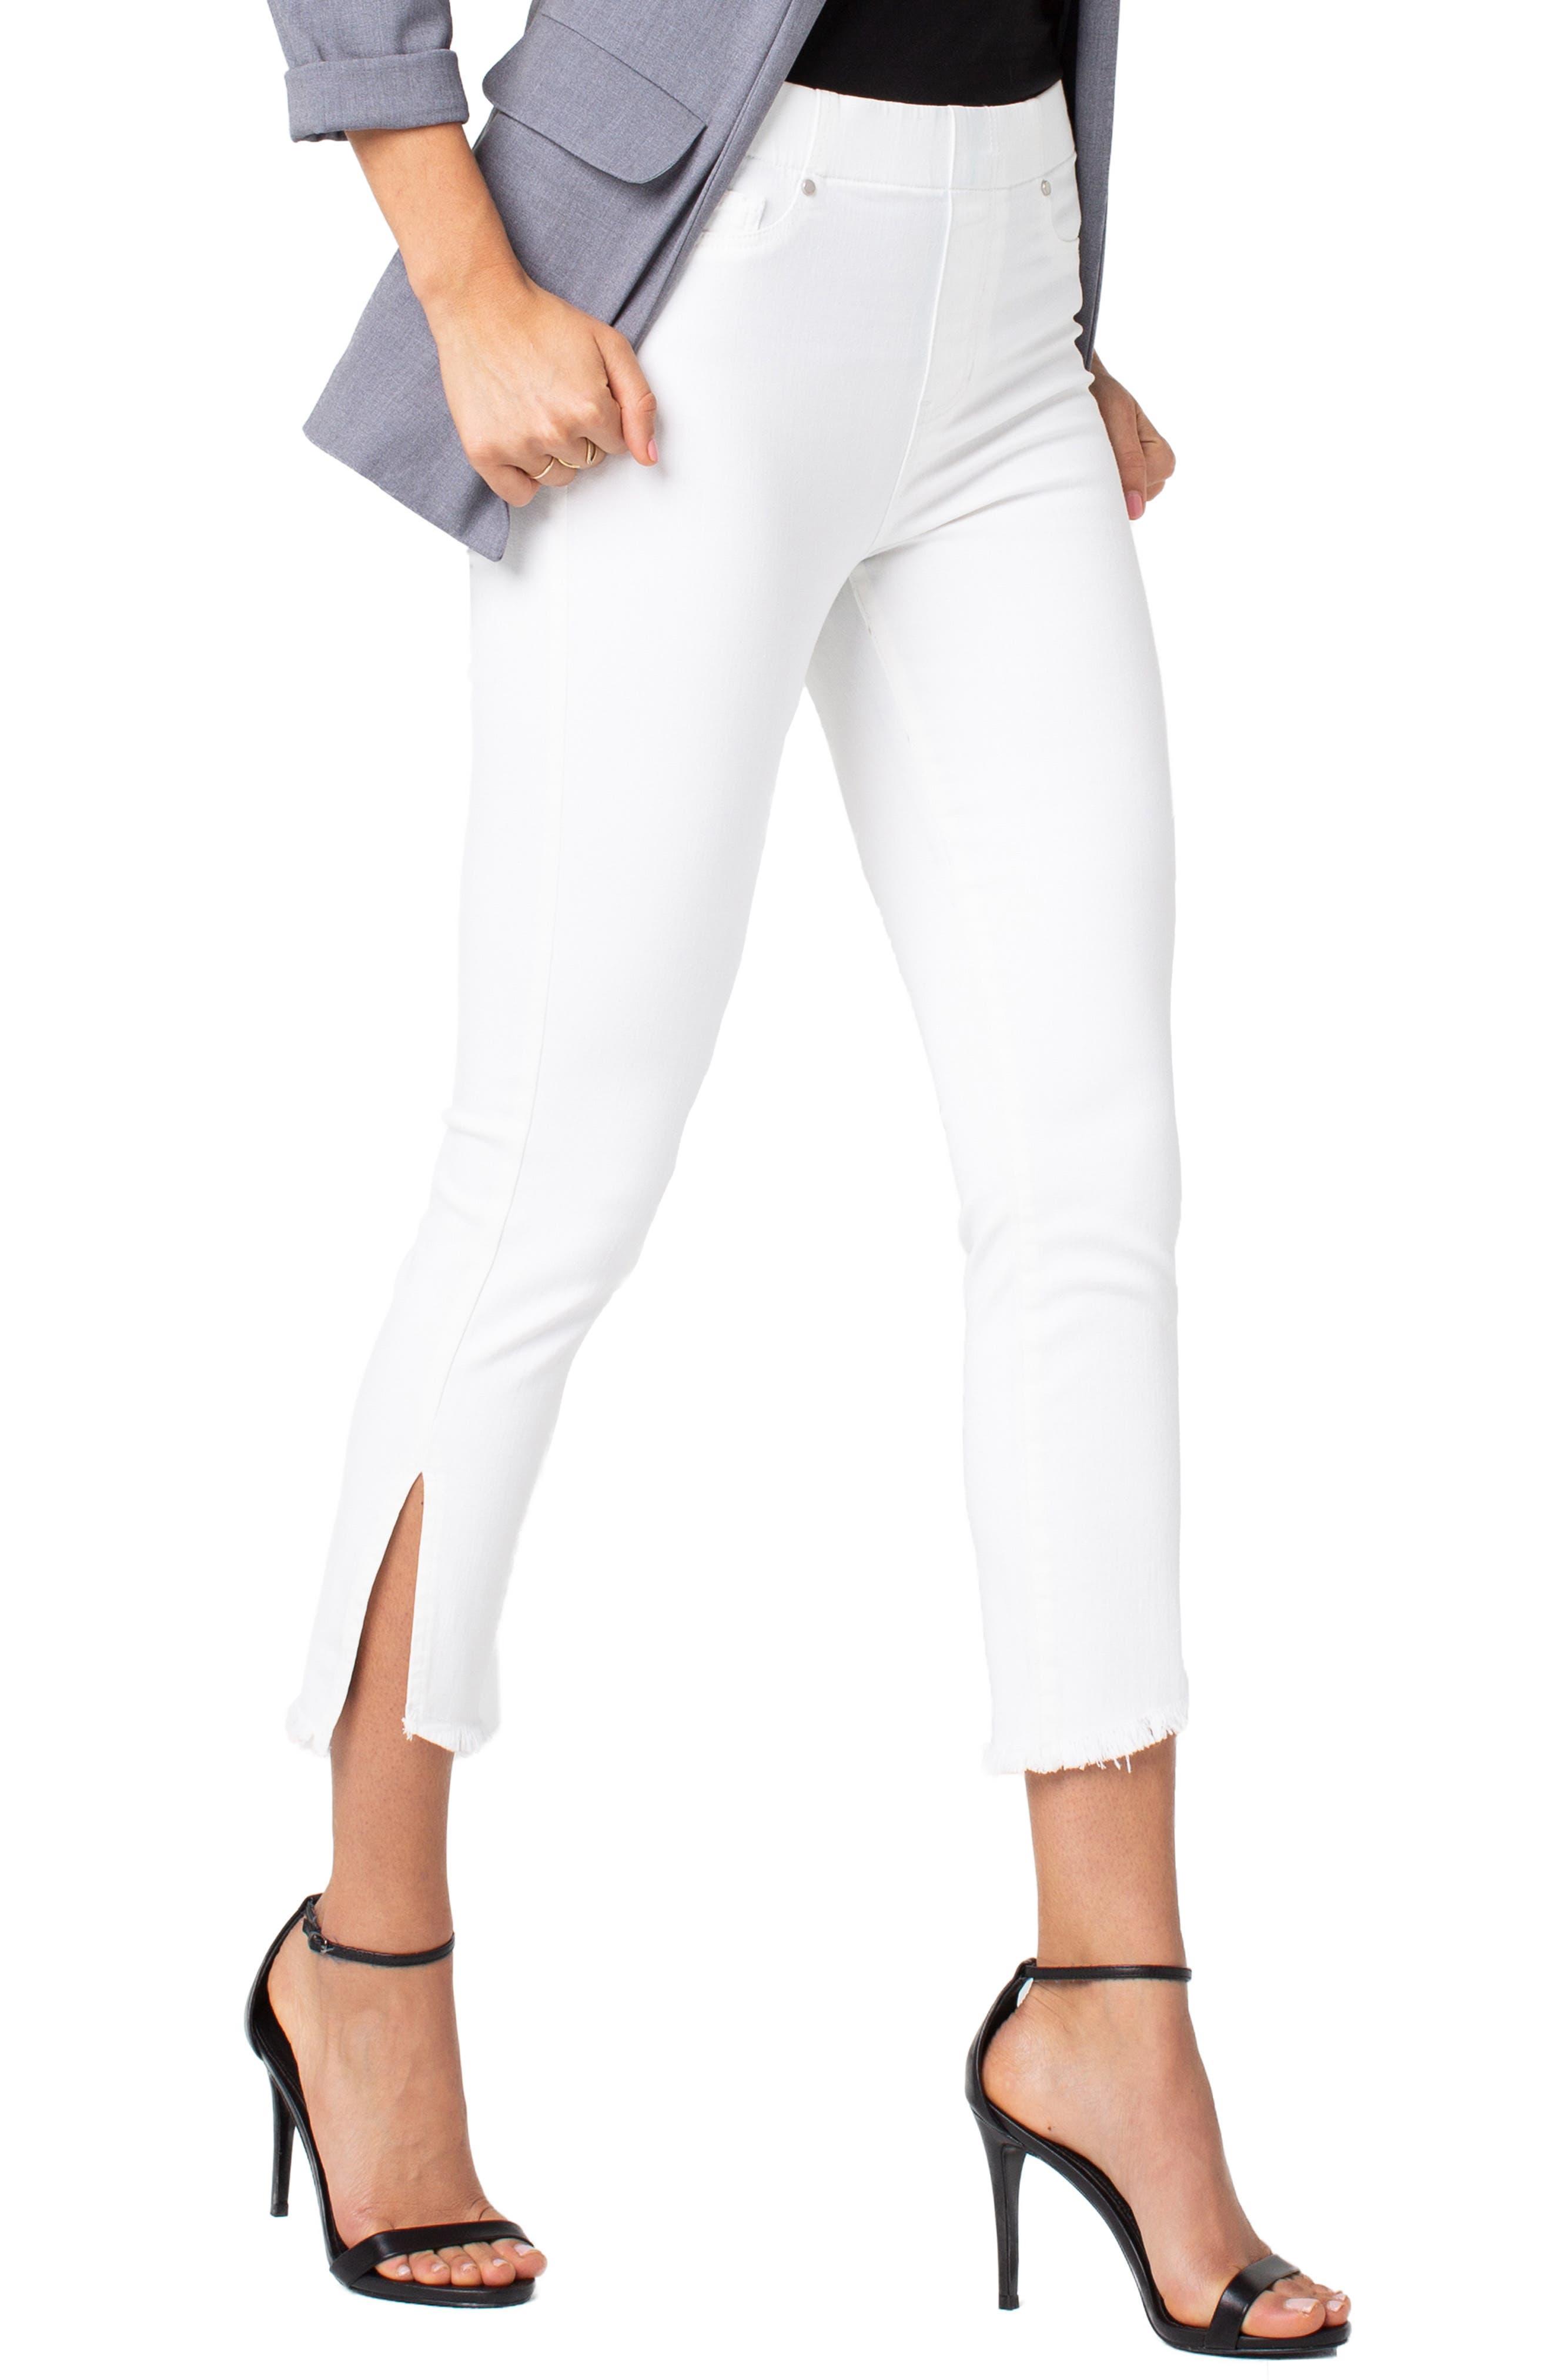 Chloe High Waist Slit Hem Pull-On Skinny Jeans,                             Alternate thumbnail 3, color,                             BRIGHT WHITE